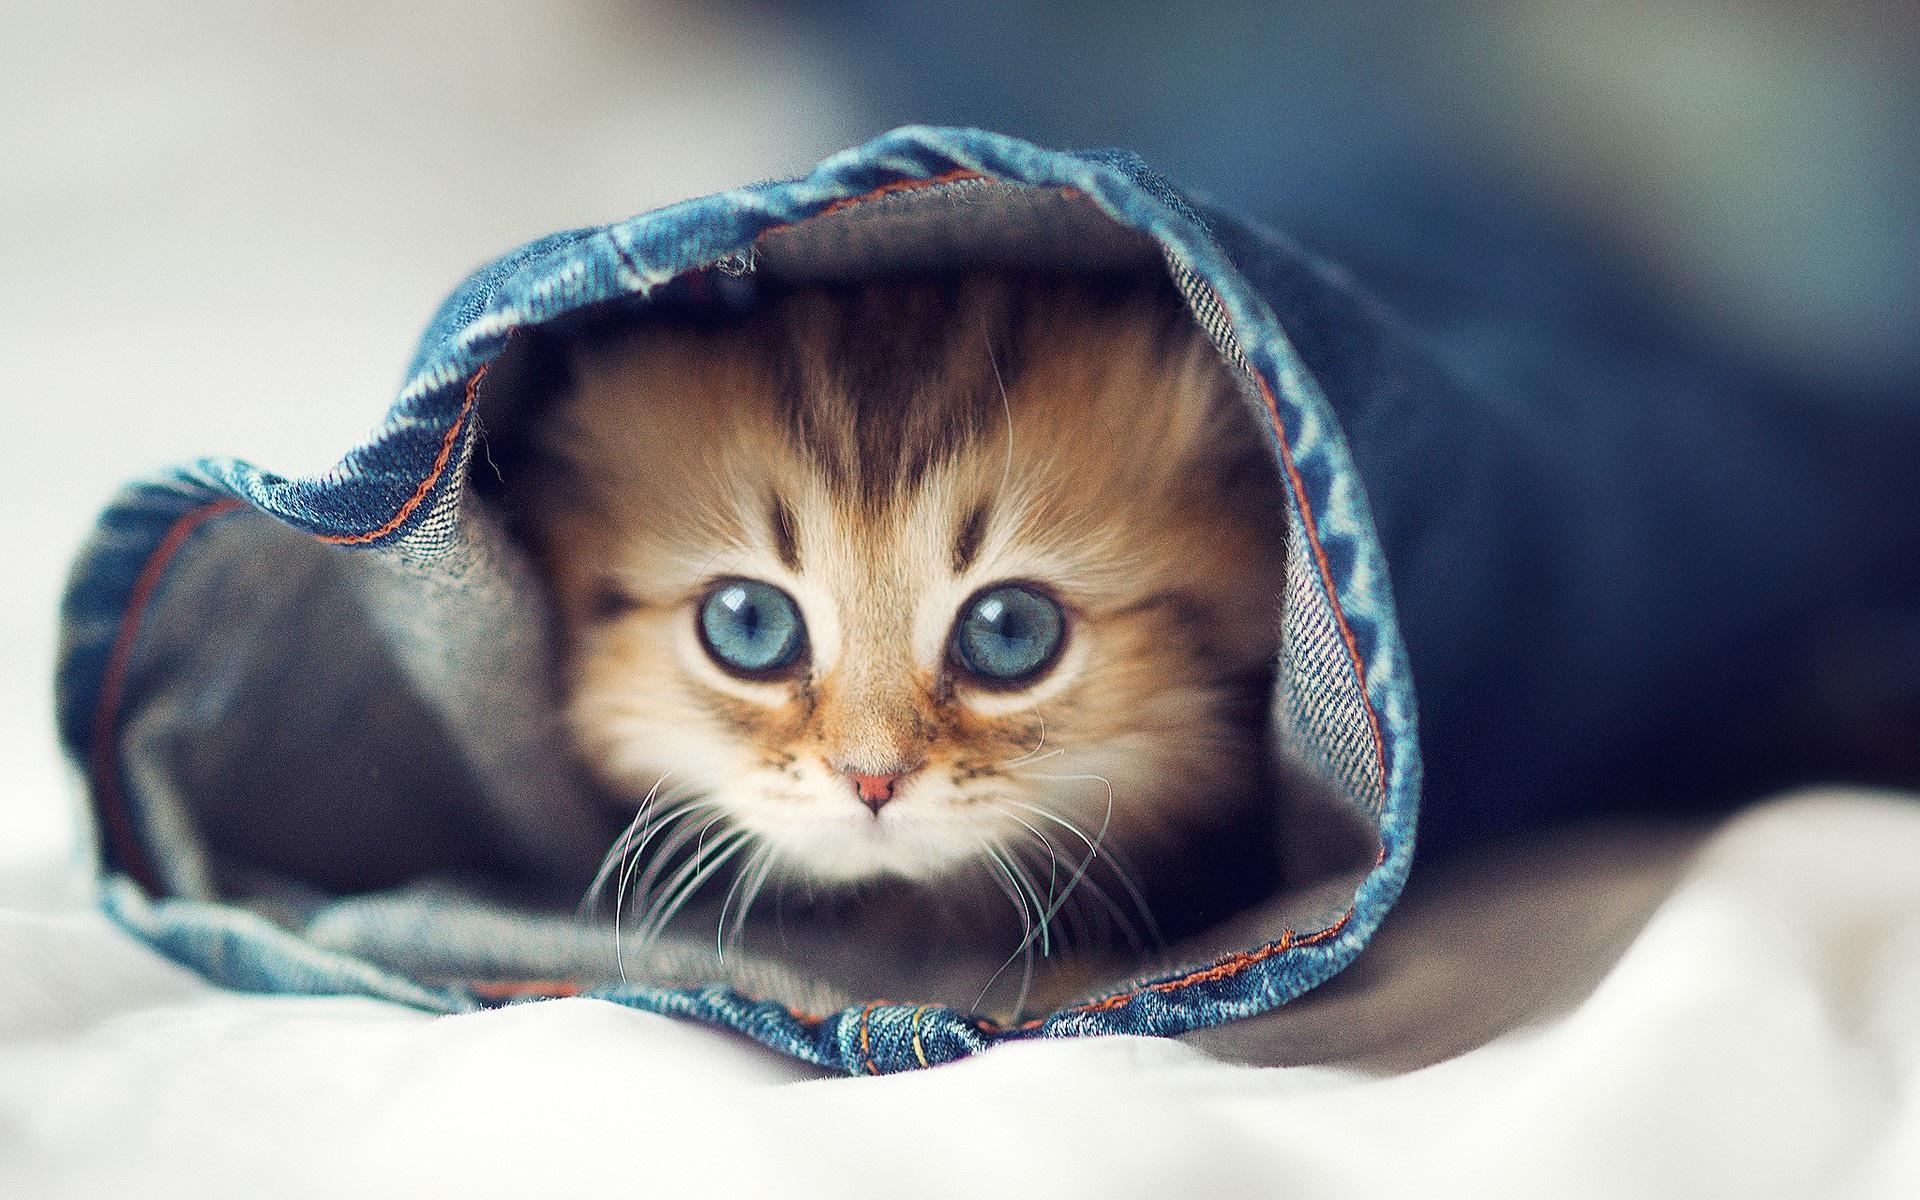 Картинка про кошек смешные вк